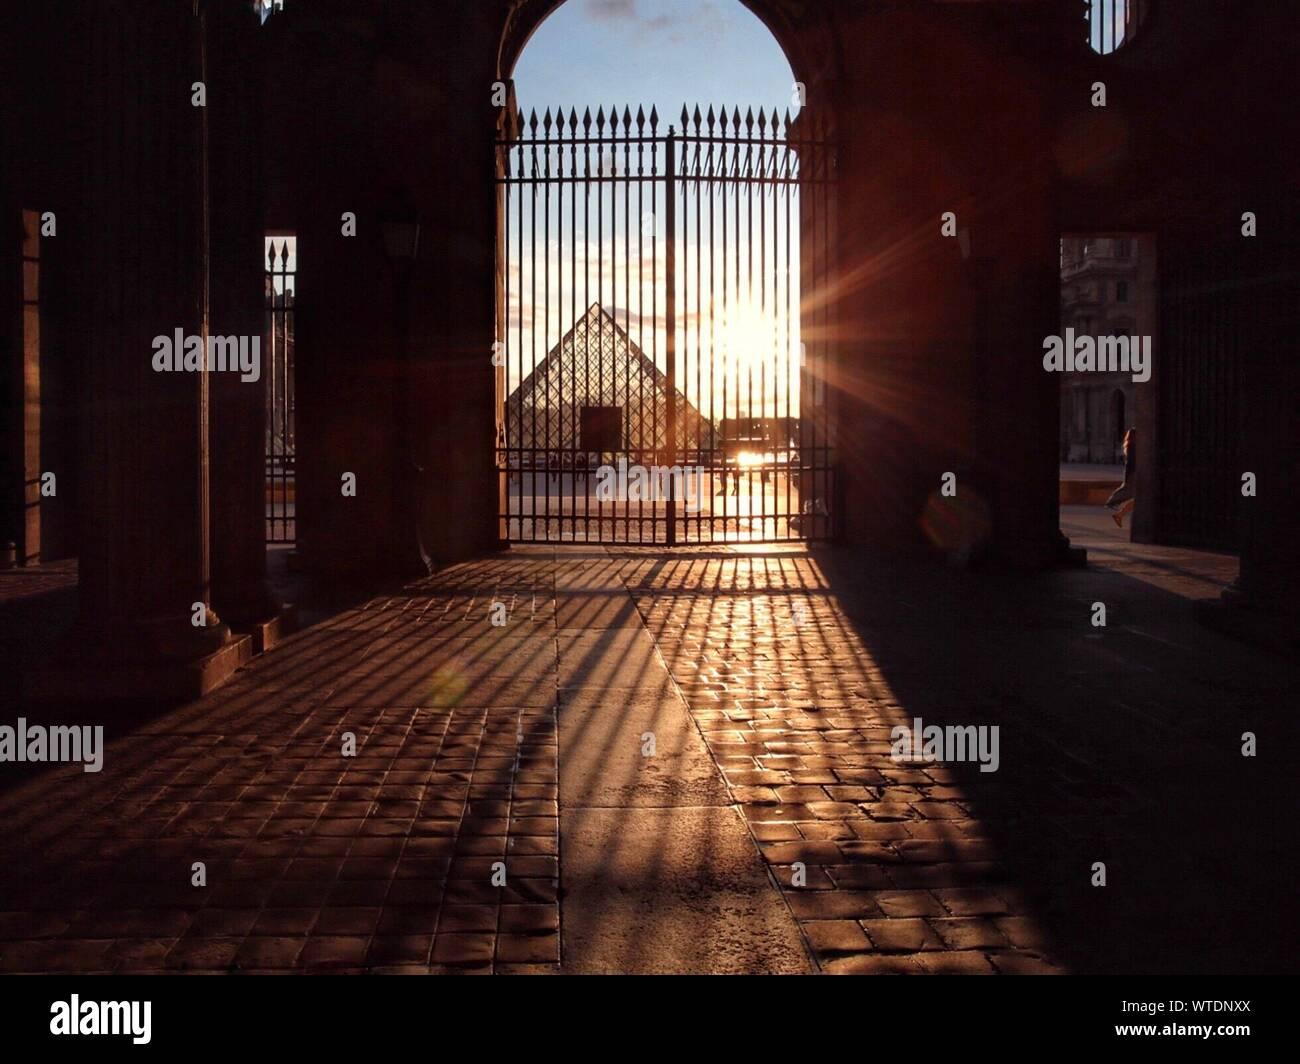 La porte métallique de l'immeuble pendant le coucher du soleil Banque D'Images